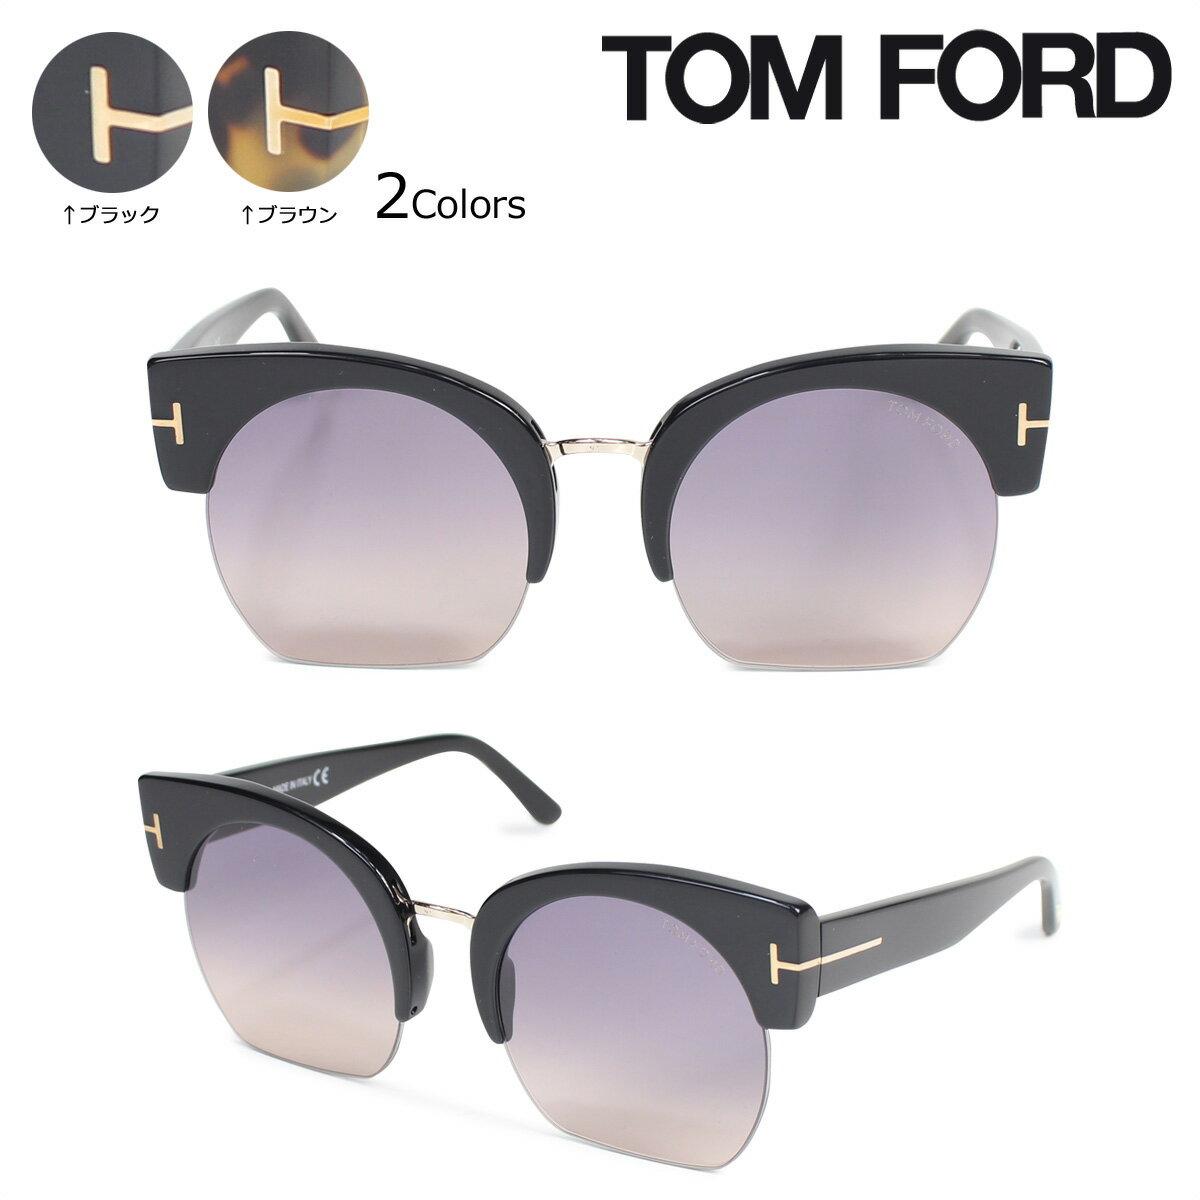 トムフォード TOM FORD サングラス メガネ メンズ レディース アイウェア FT0552 SAVANNAH SUNGLASSES 2カラー 【決算セール】